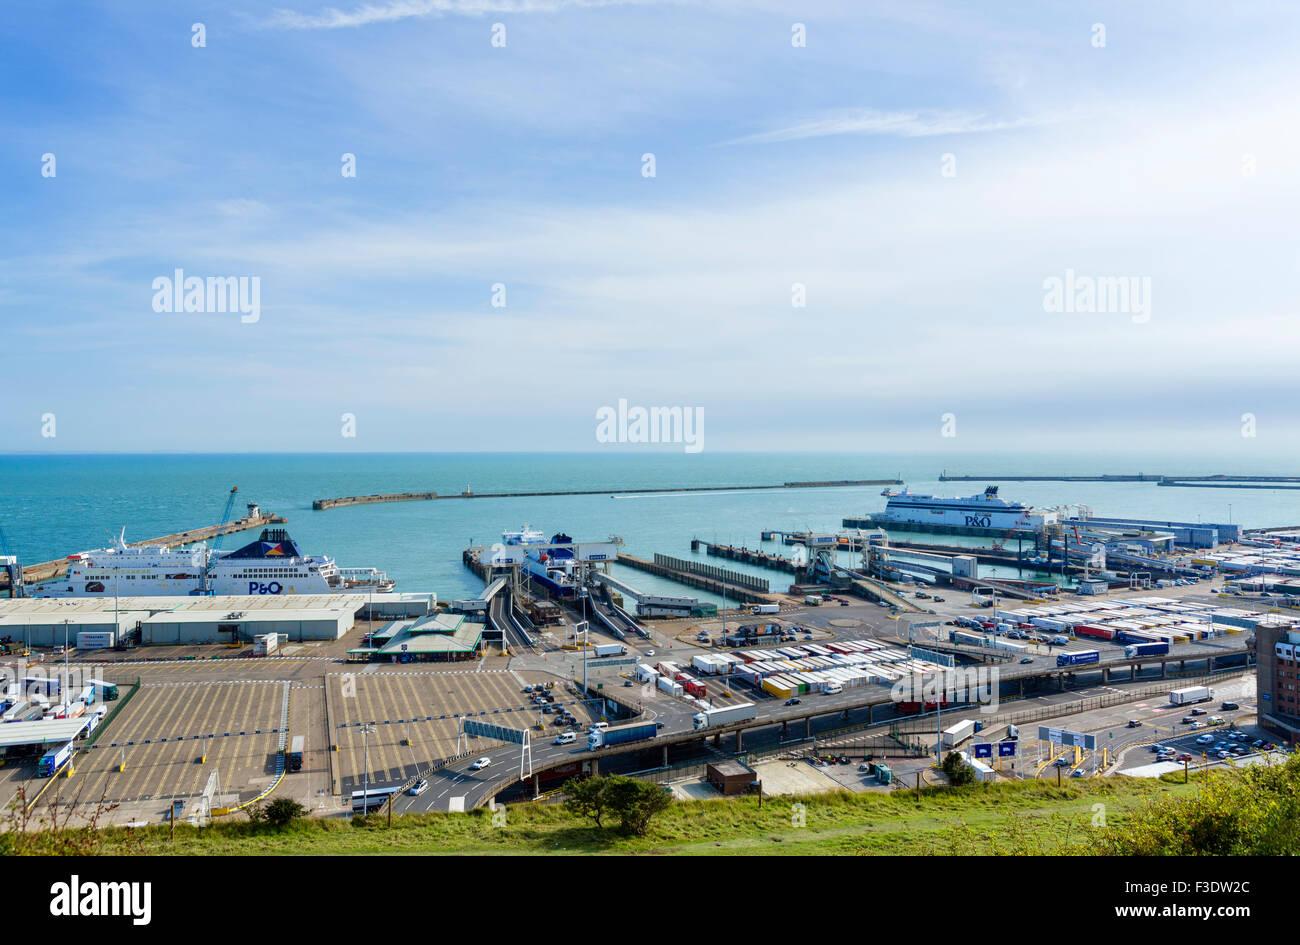 Le Port de Douvres vu du clifftops, Kent, England, UK Banque D'Images